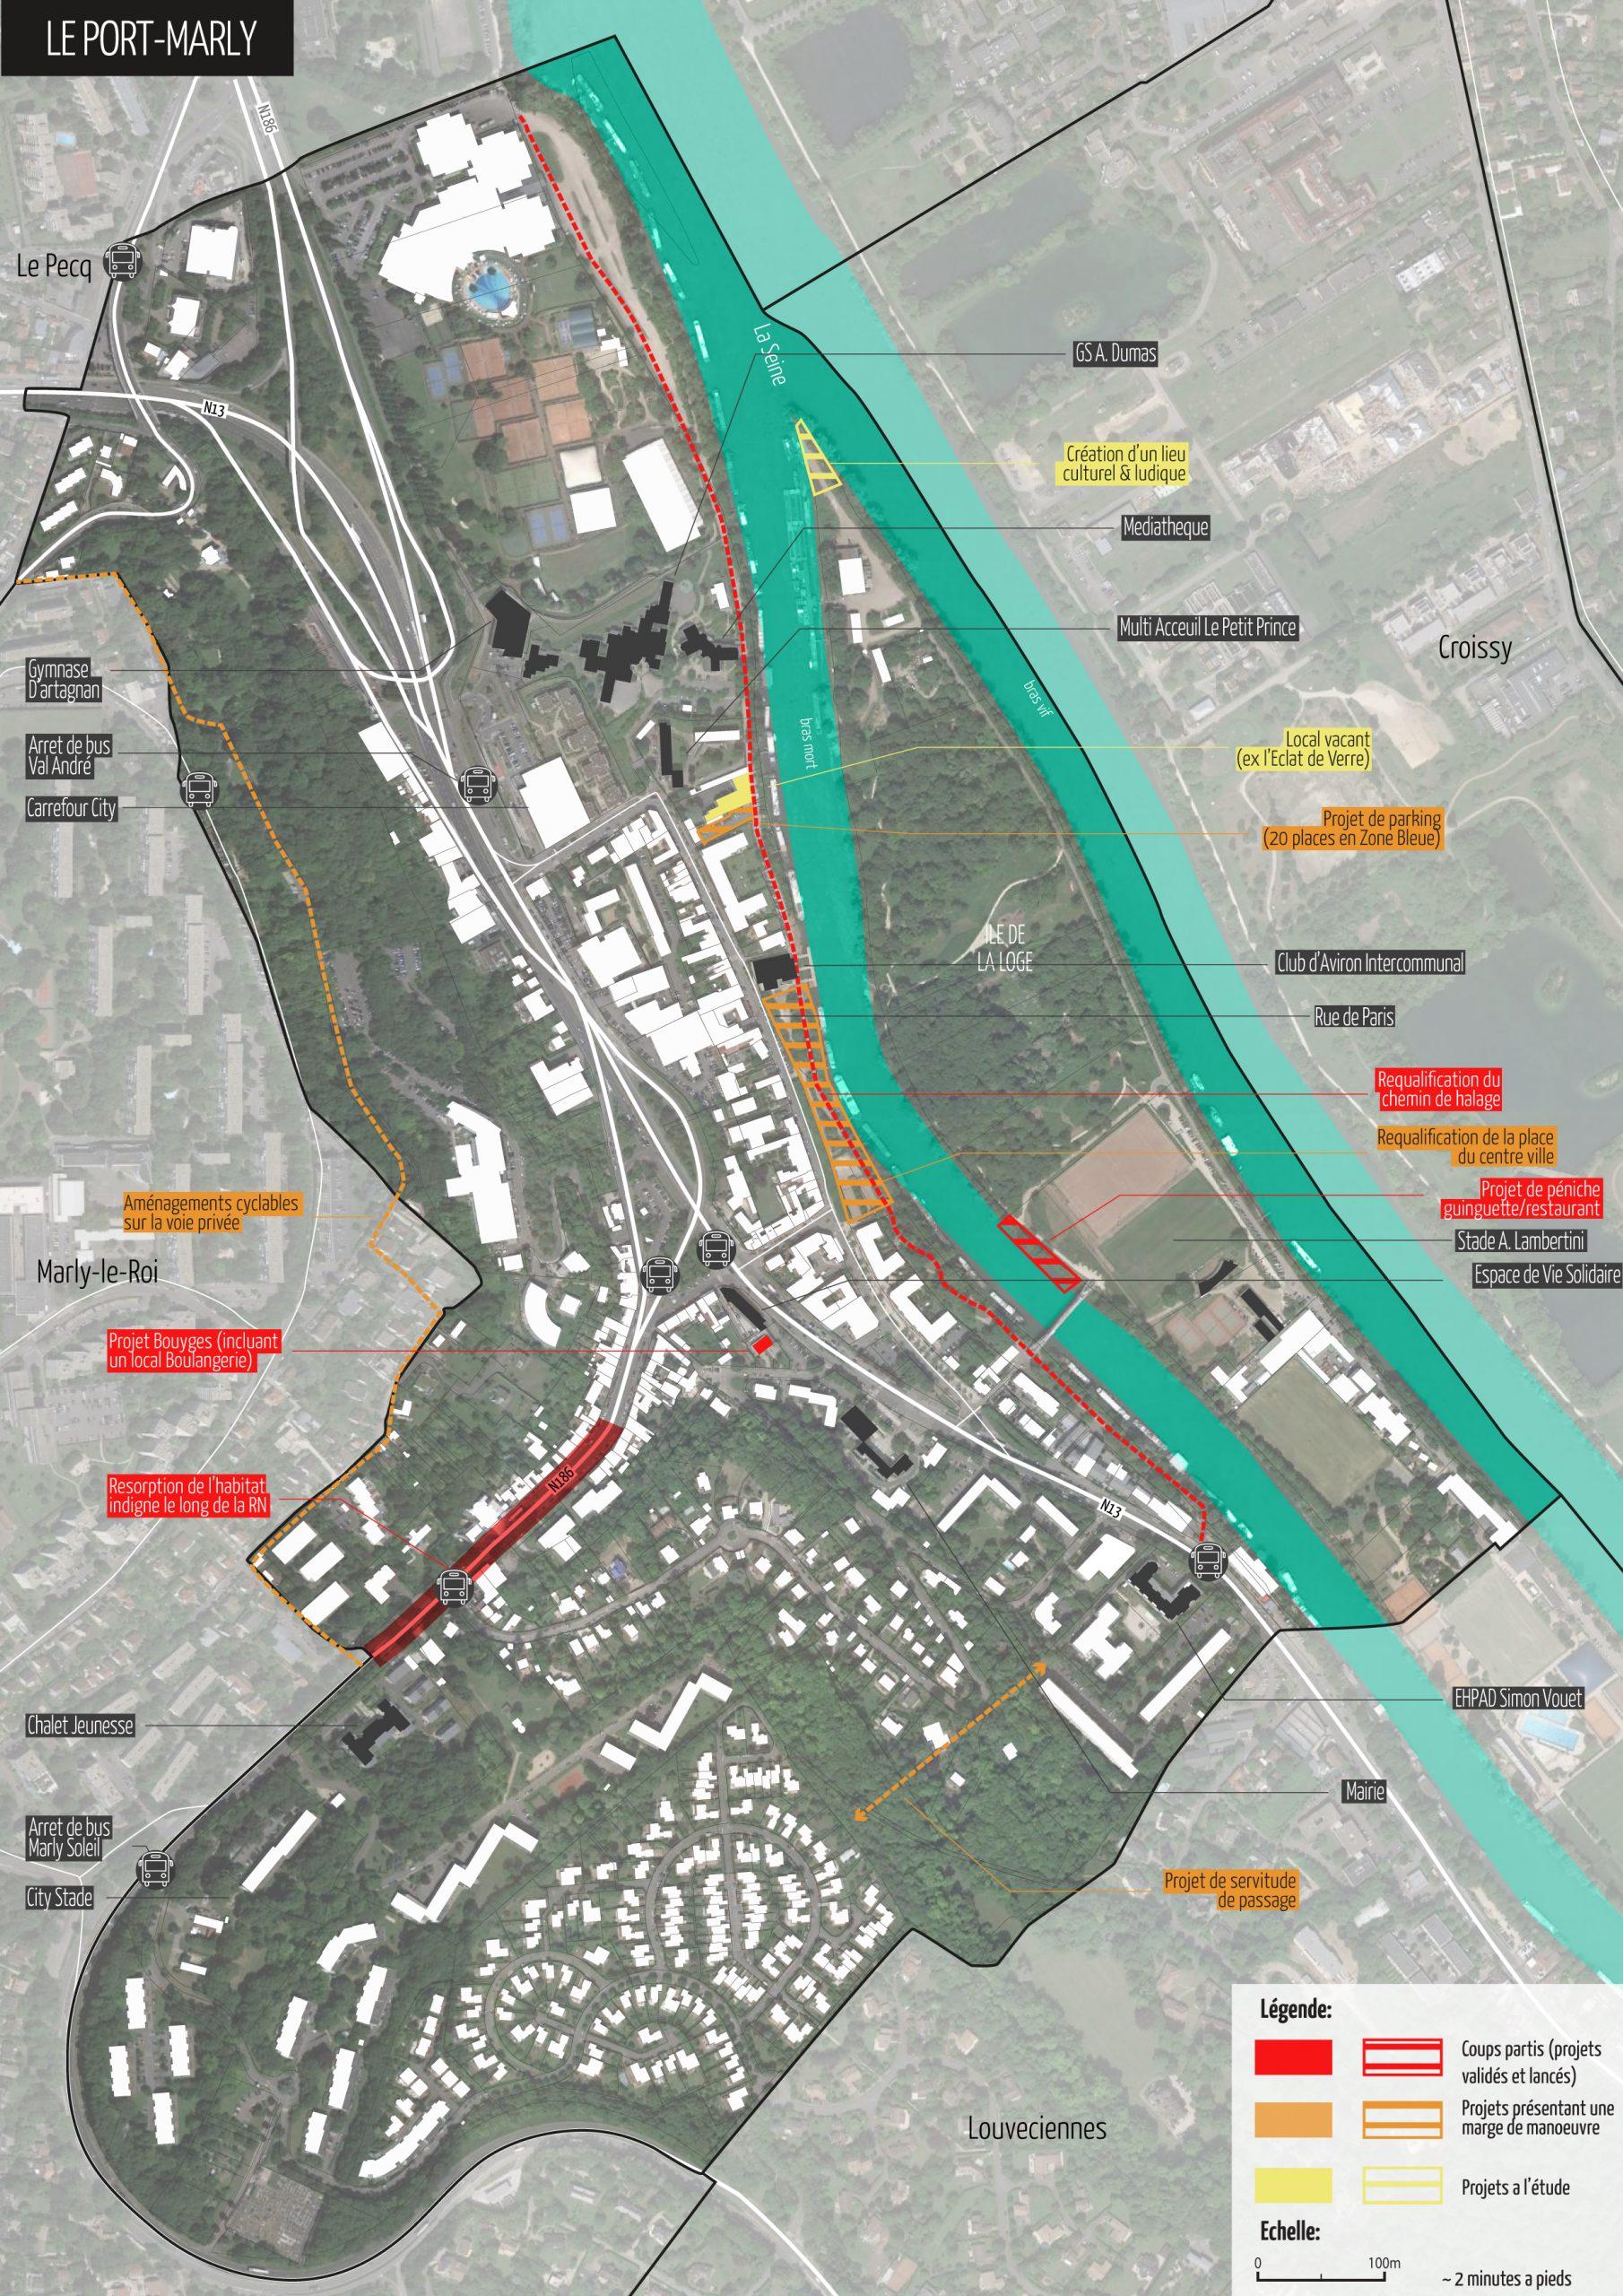 2019 CA SAINT-GERMAIN BOUCLES DE SEINE (78) : AMO et études urbaines pour la redynamisation des centres villes